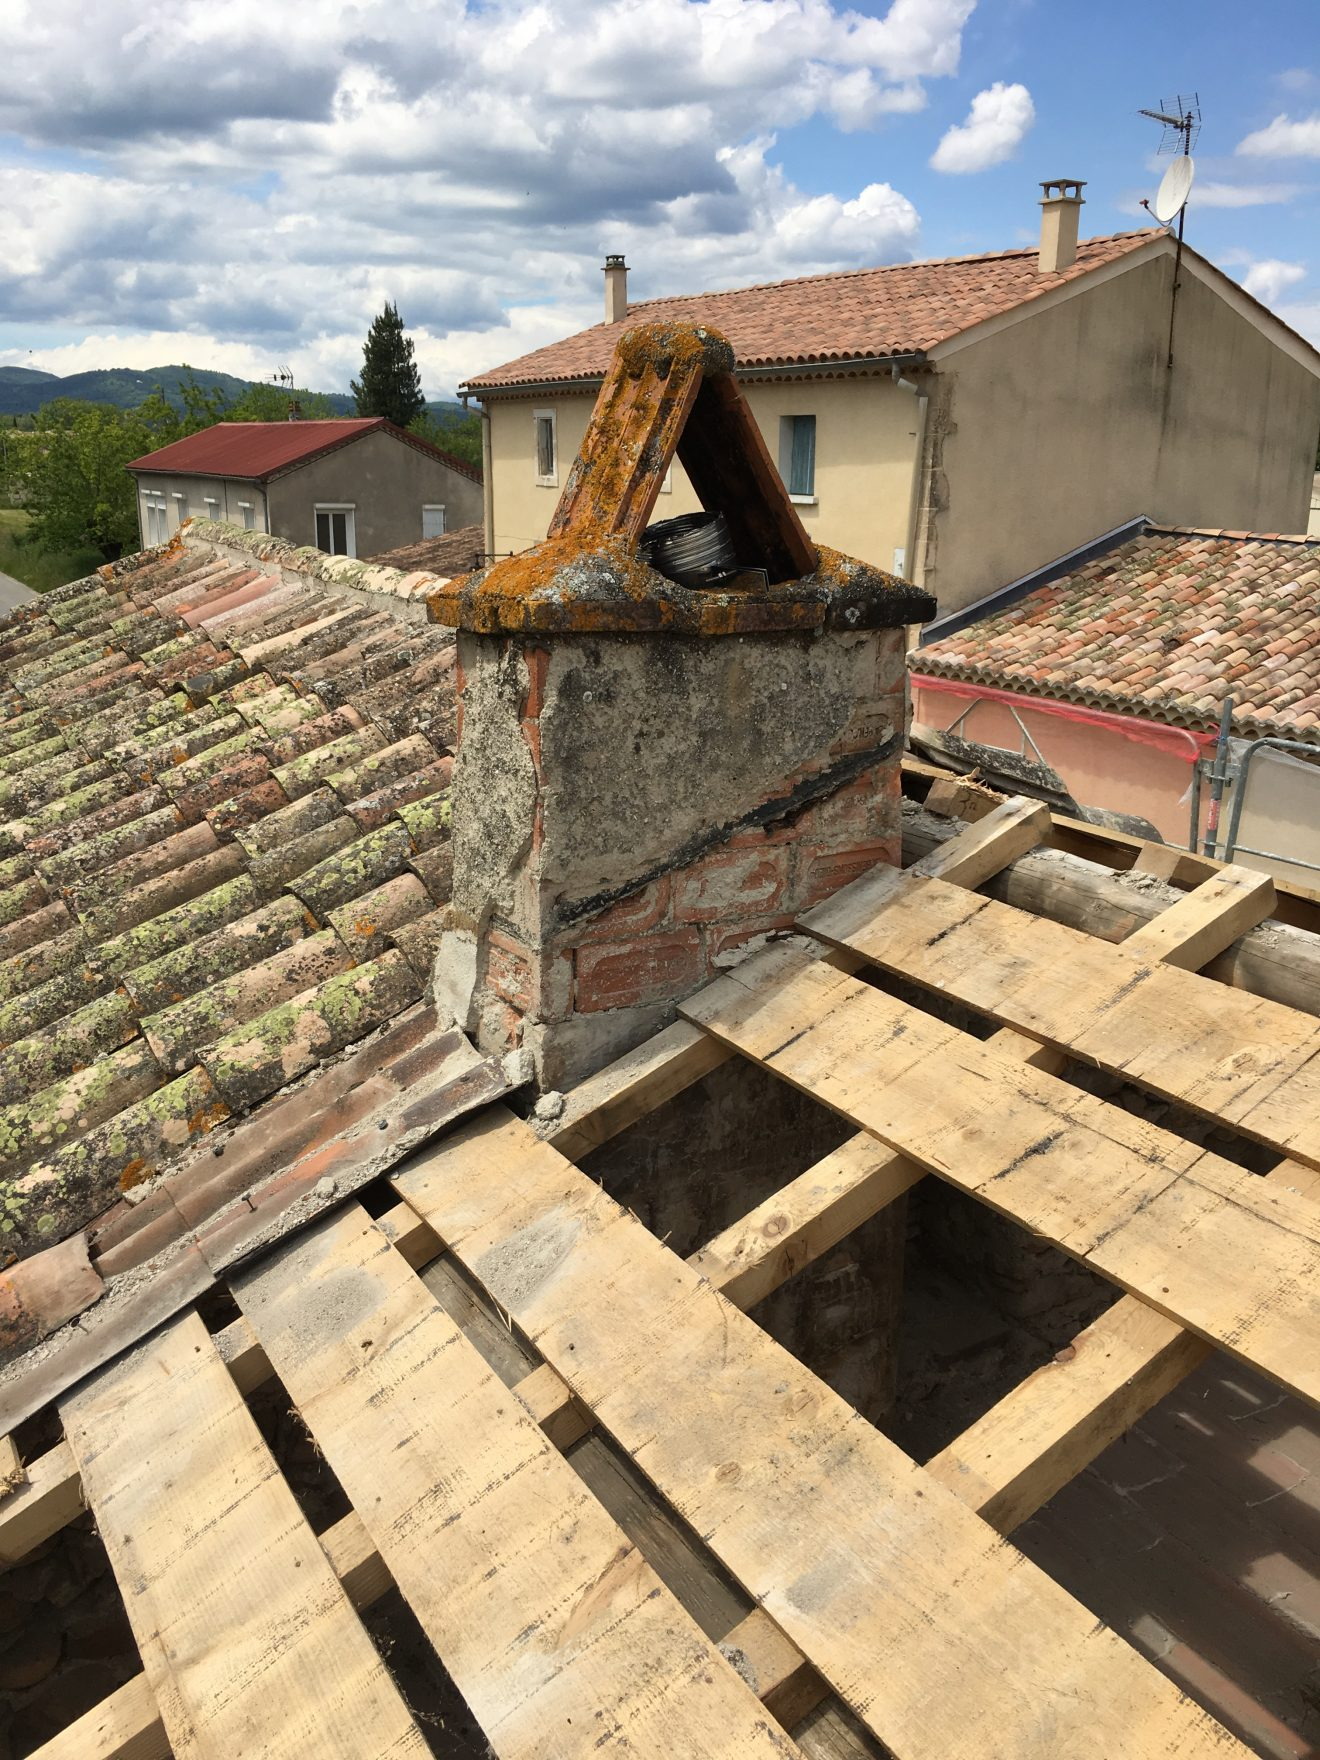 Réfection d'une toiture, réparation de la charpente, isolation, pose des tuiles